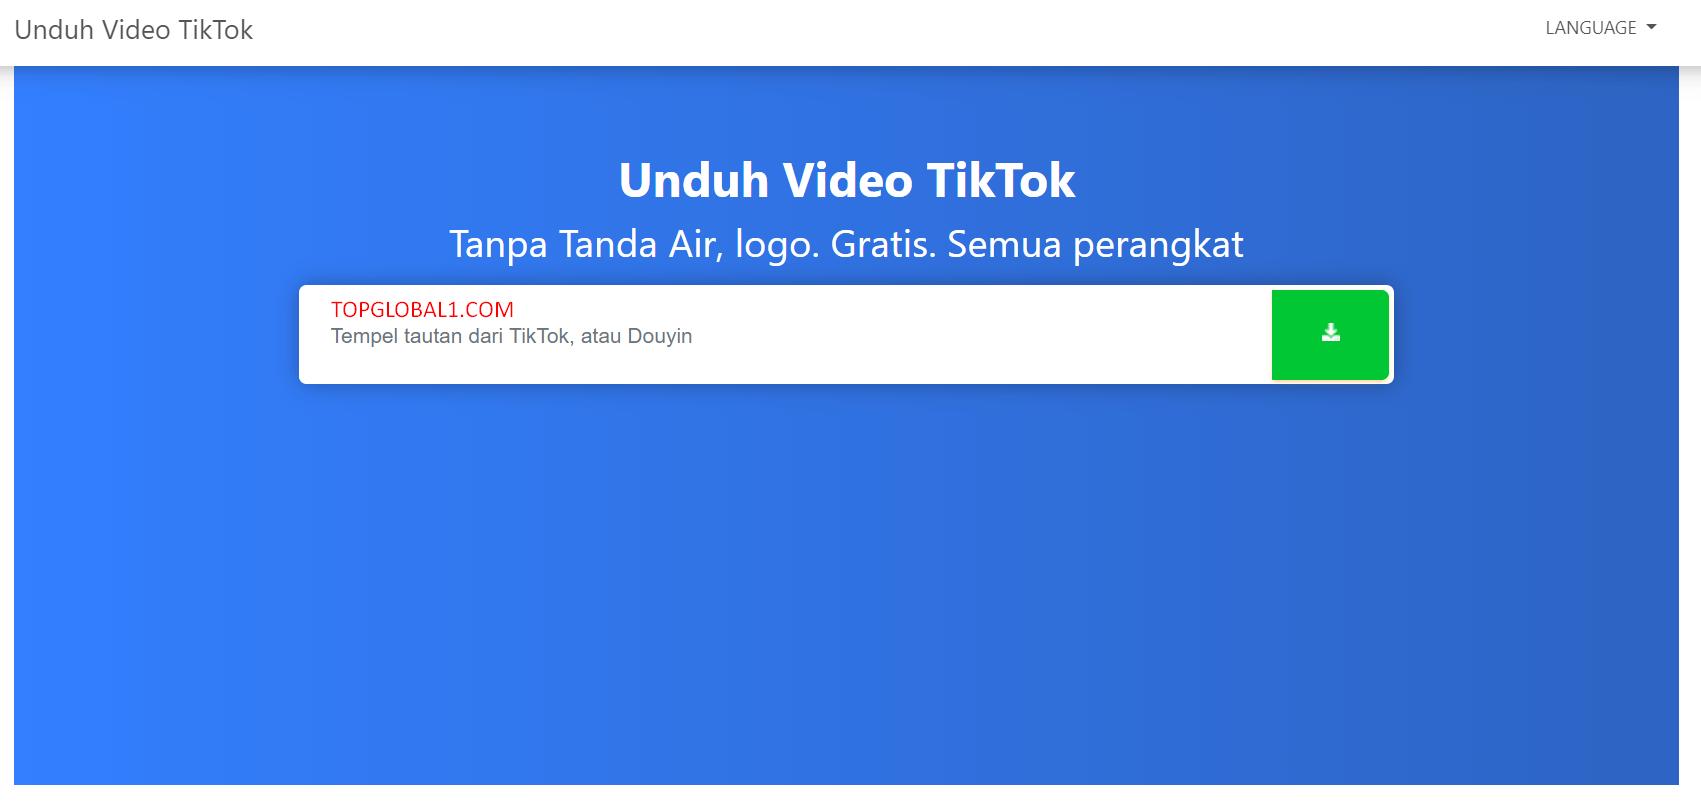 Download Video Tiktok Tanpa Logo Terbaru Tanpa Aplikasi